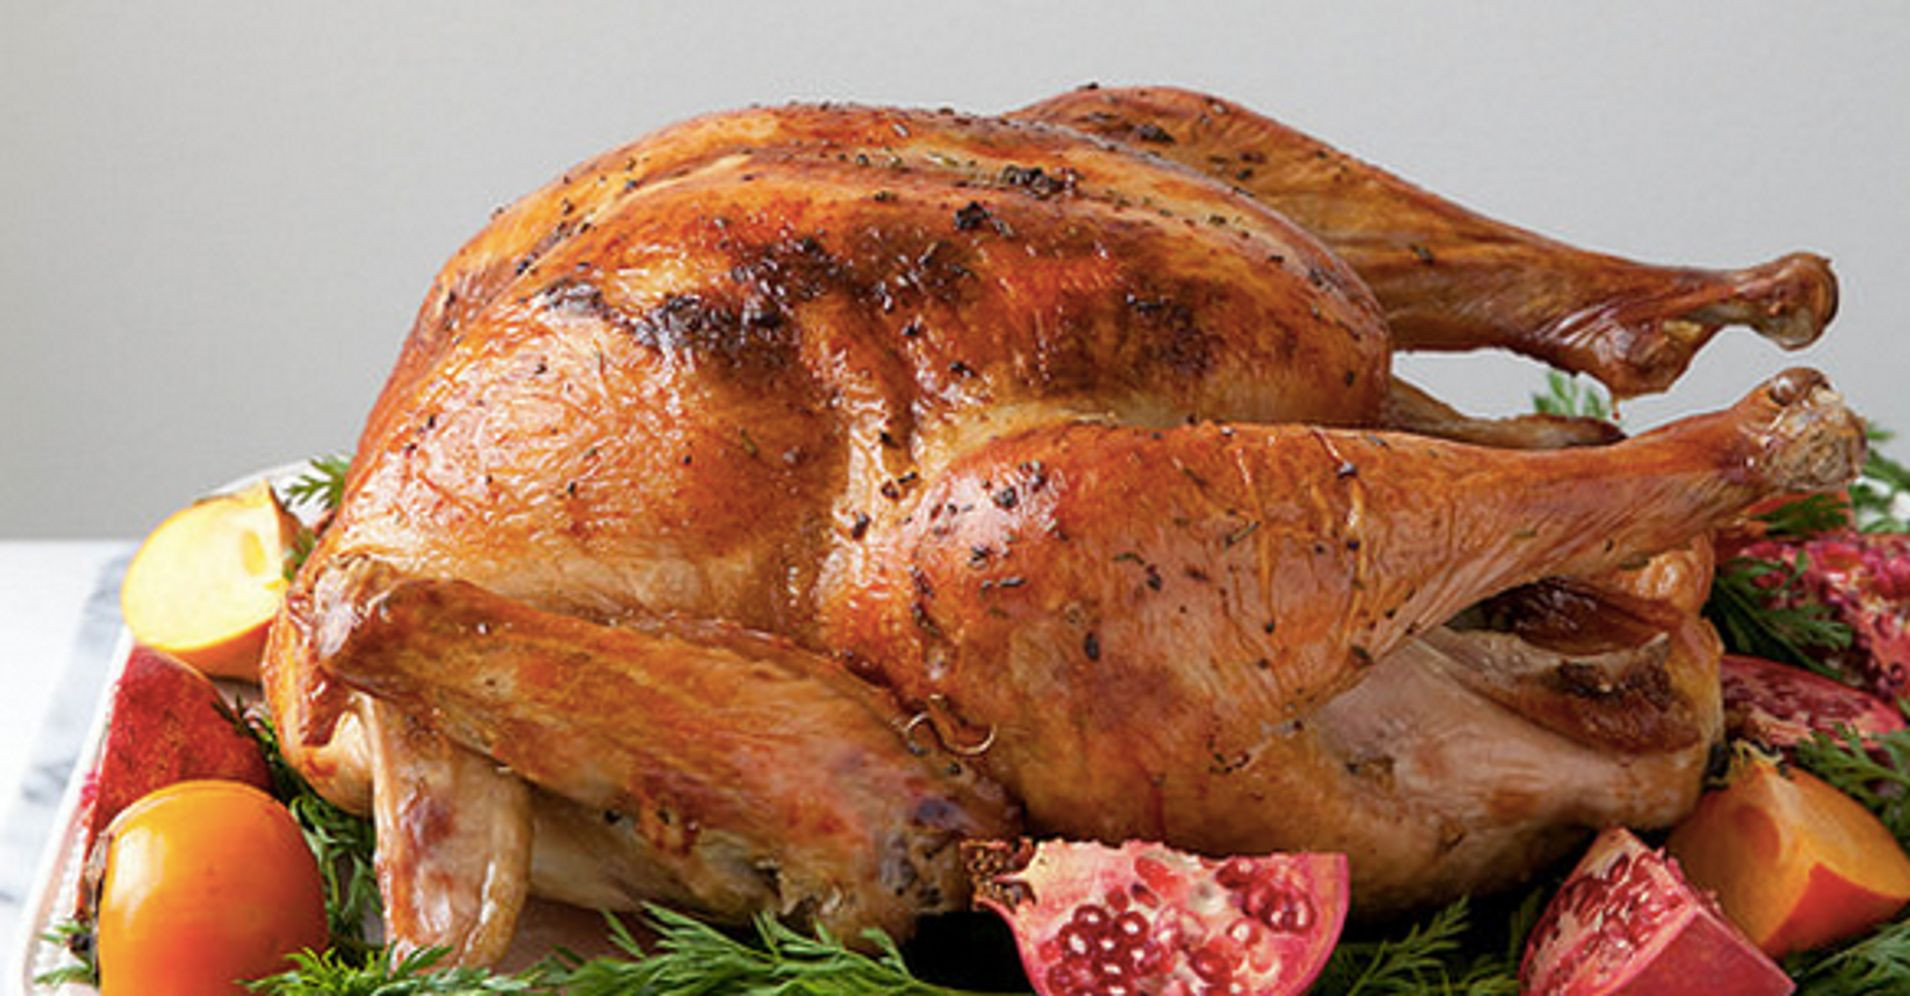 Giant Thanksgiving Dinner 2019  The Best Turkey Recipes For Thanksgiving